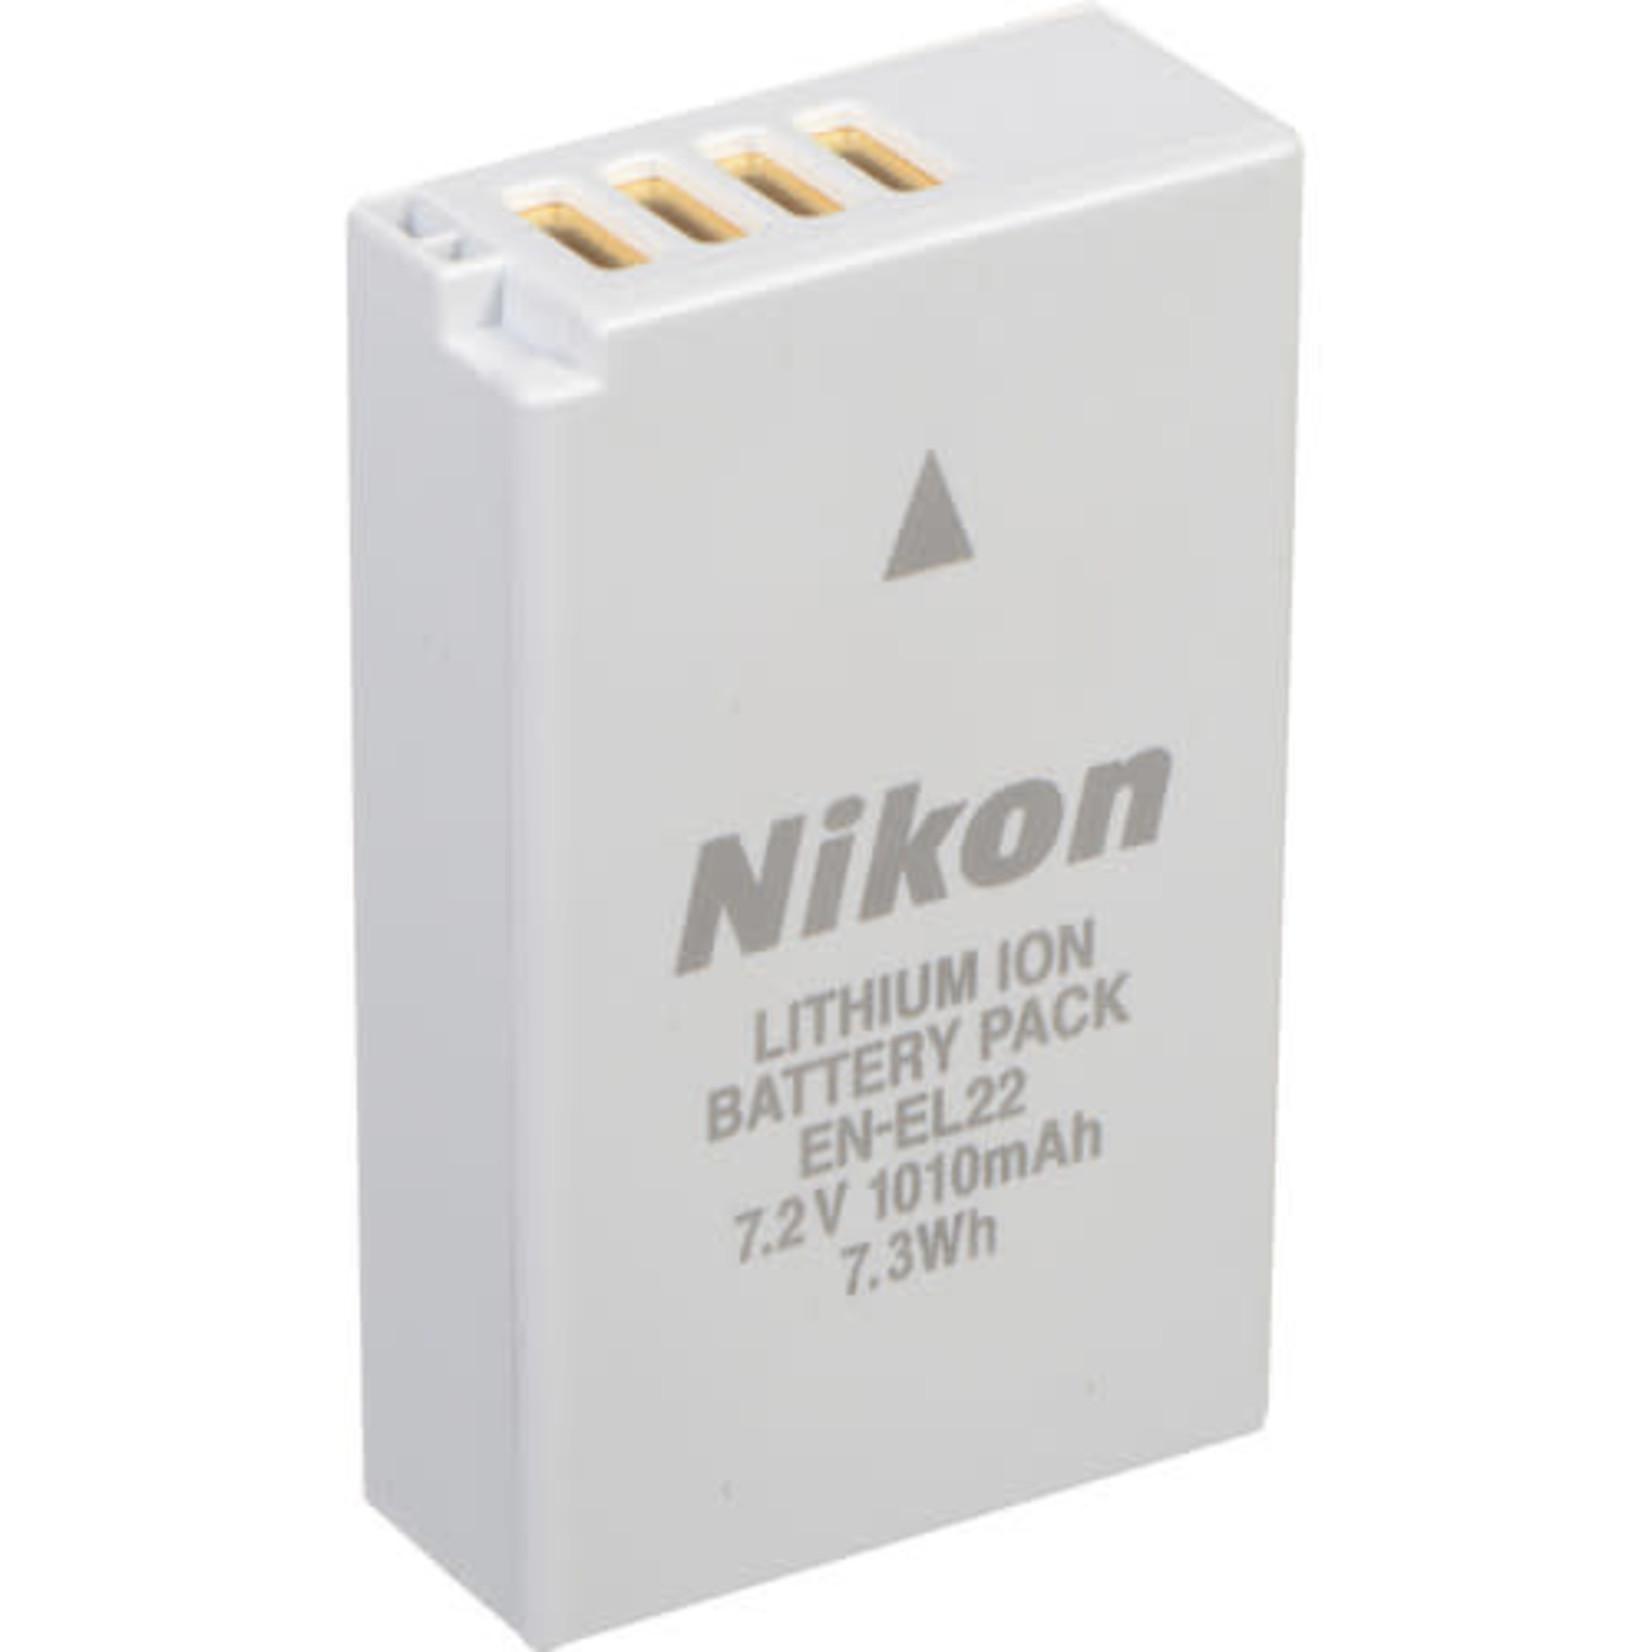 Nikon Nikon EN-EL22 Rechargeable Lithium-Ion Battery Pack (7.2V, 1010mAh)